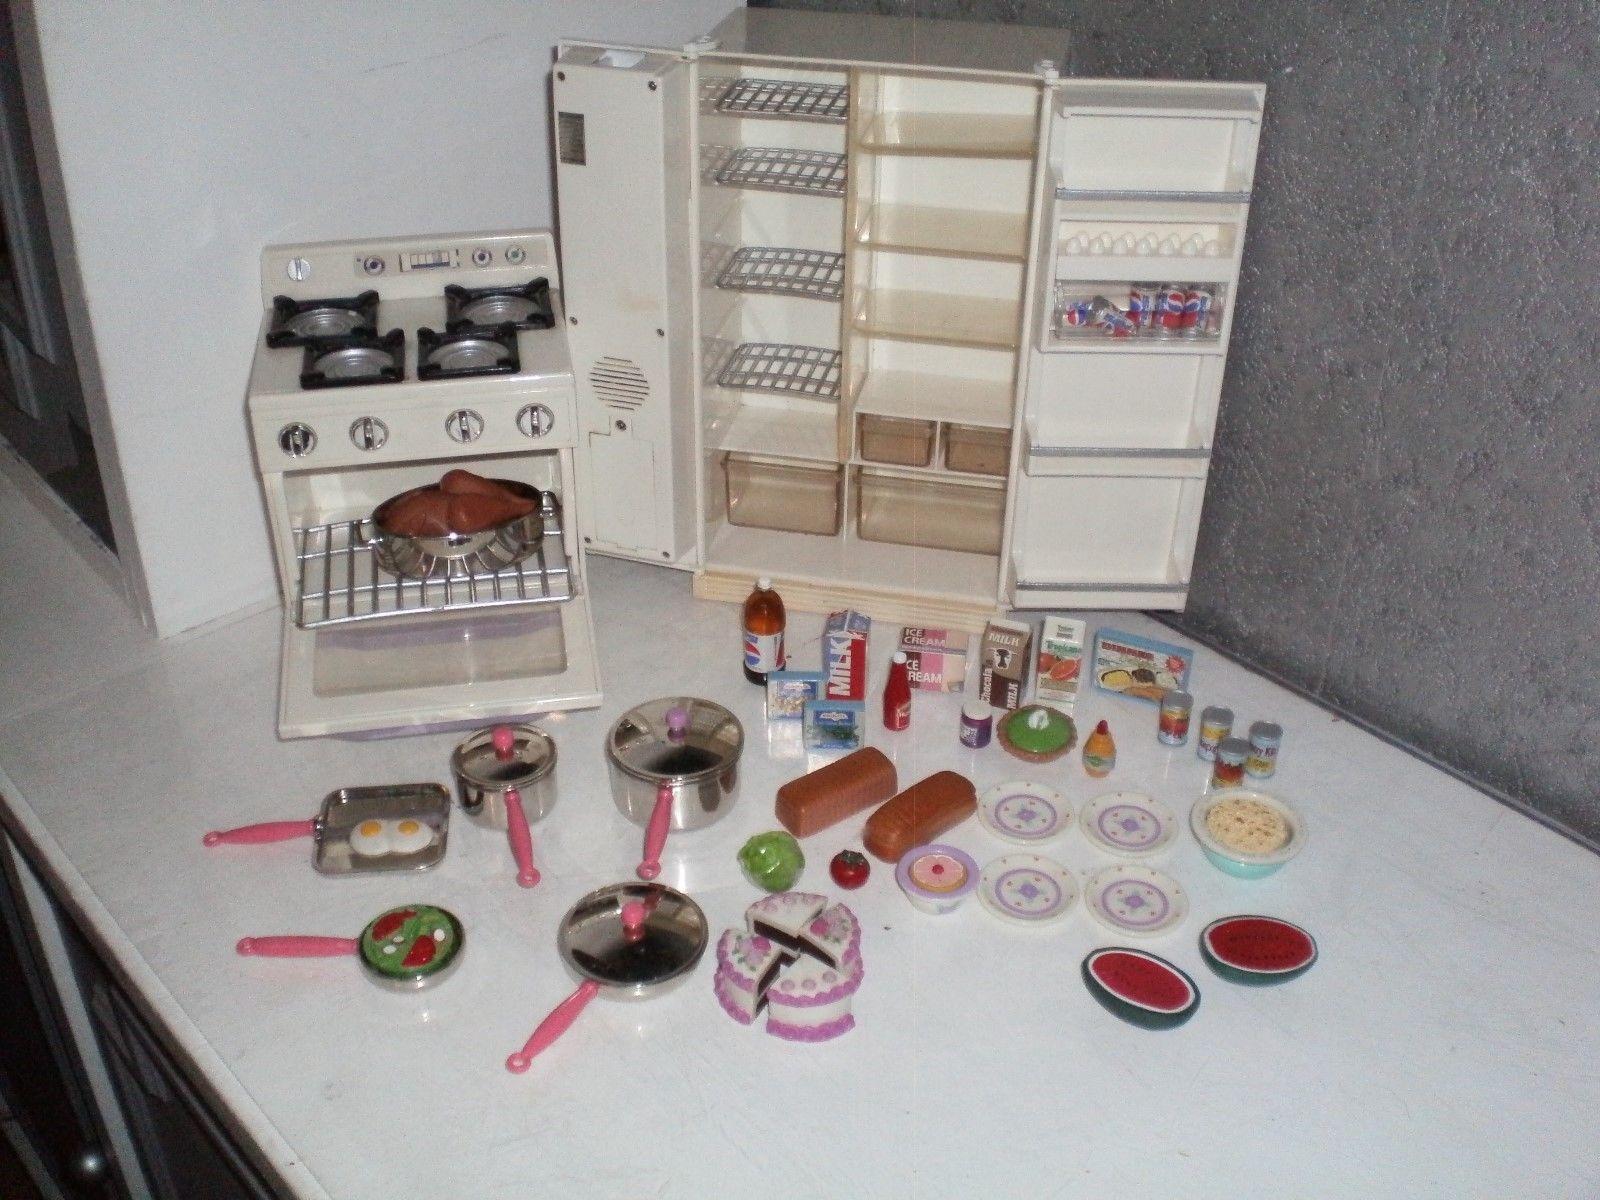 jouet cuisine pour poupee barbie famosa bella delavennatdinette - Cuisine Barbie